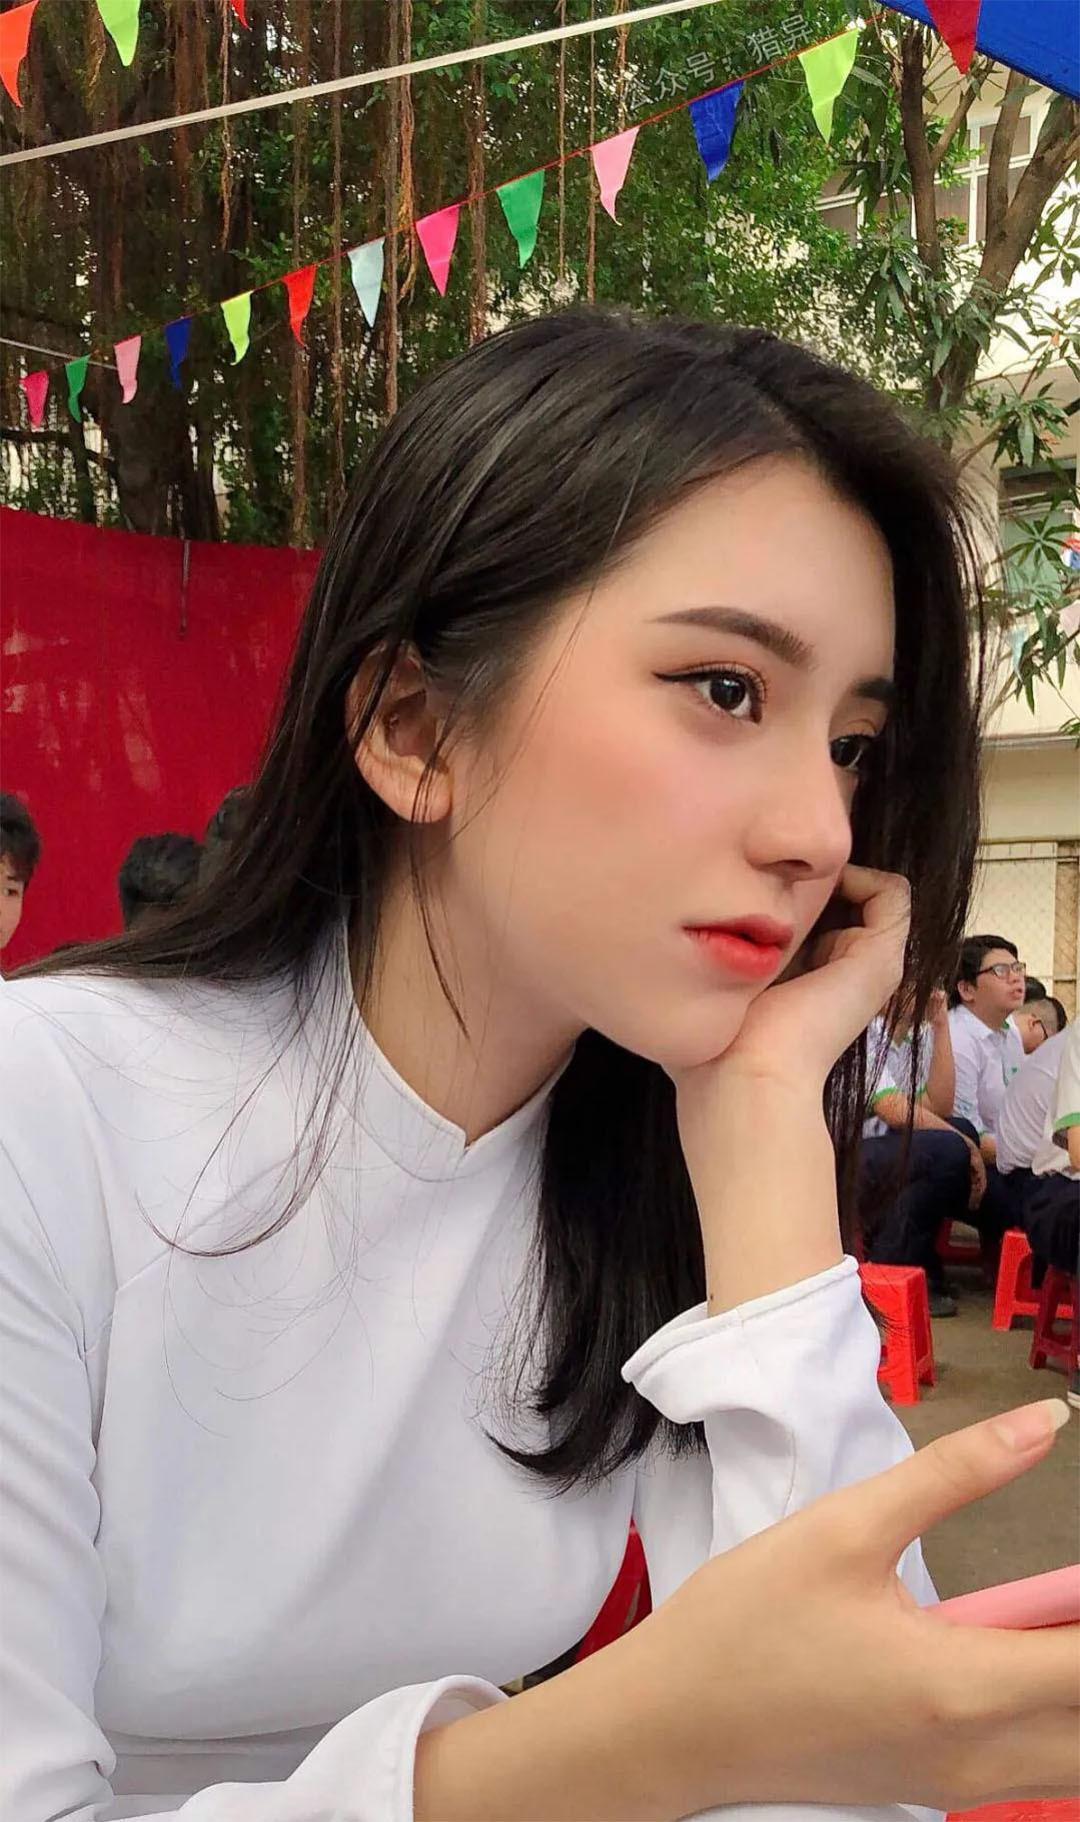 这么漂亮的越南妹子真是让人养眼